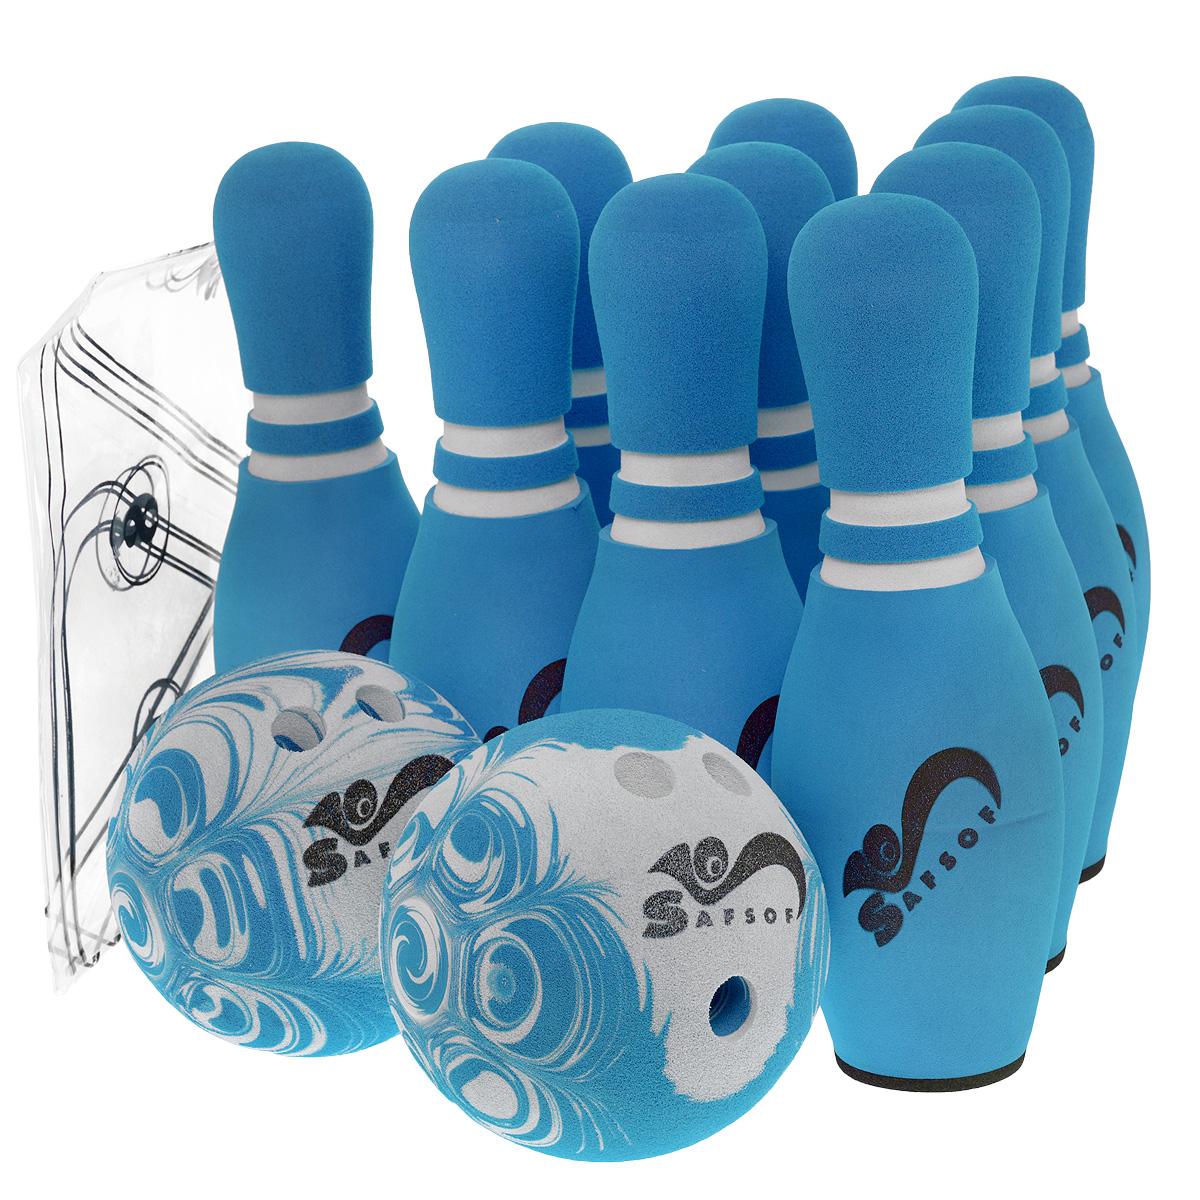 Игровой набор Safsof  Боулинг , цвет: белый, голубой, диаметр шара 14 см - Игры на открытом воздухе